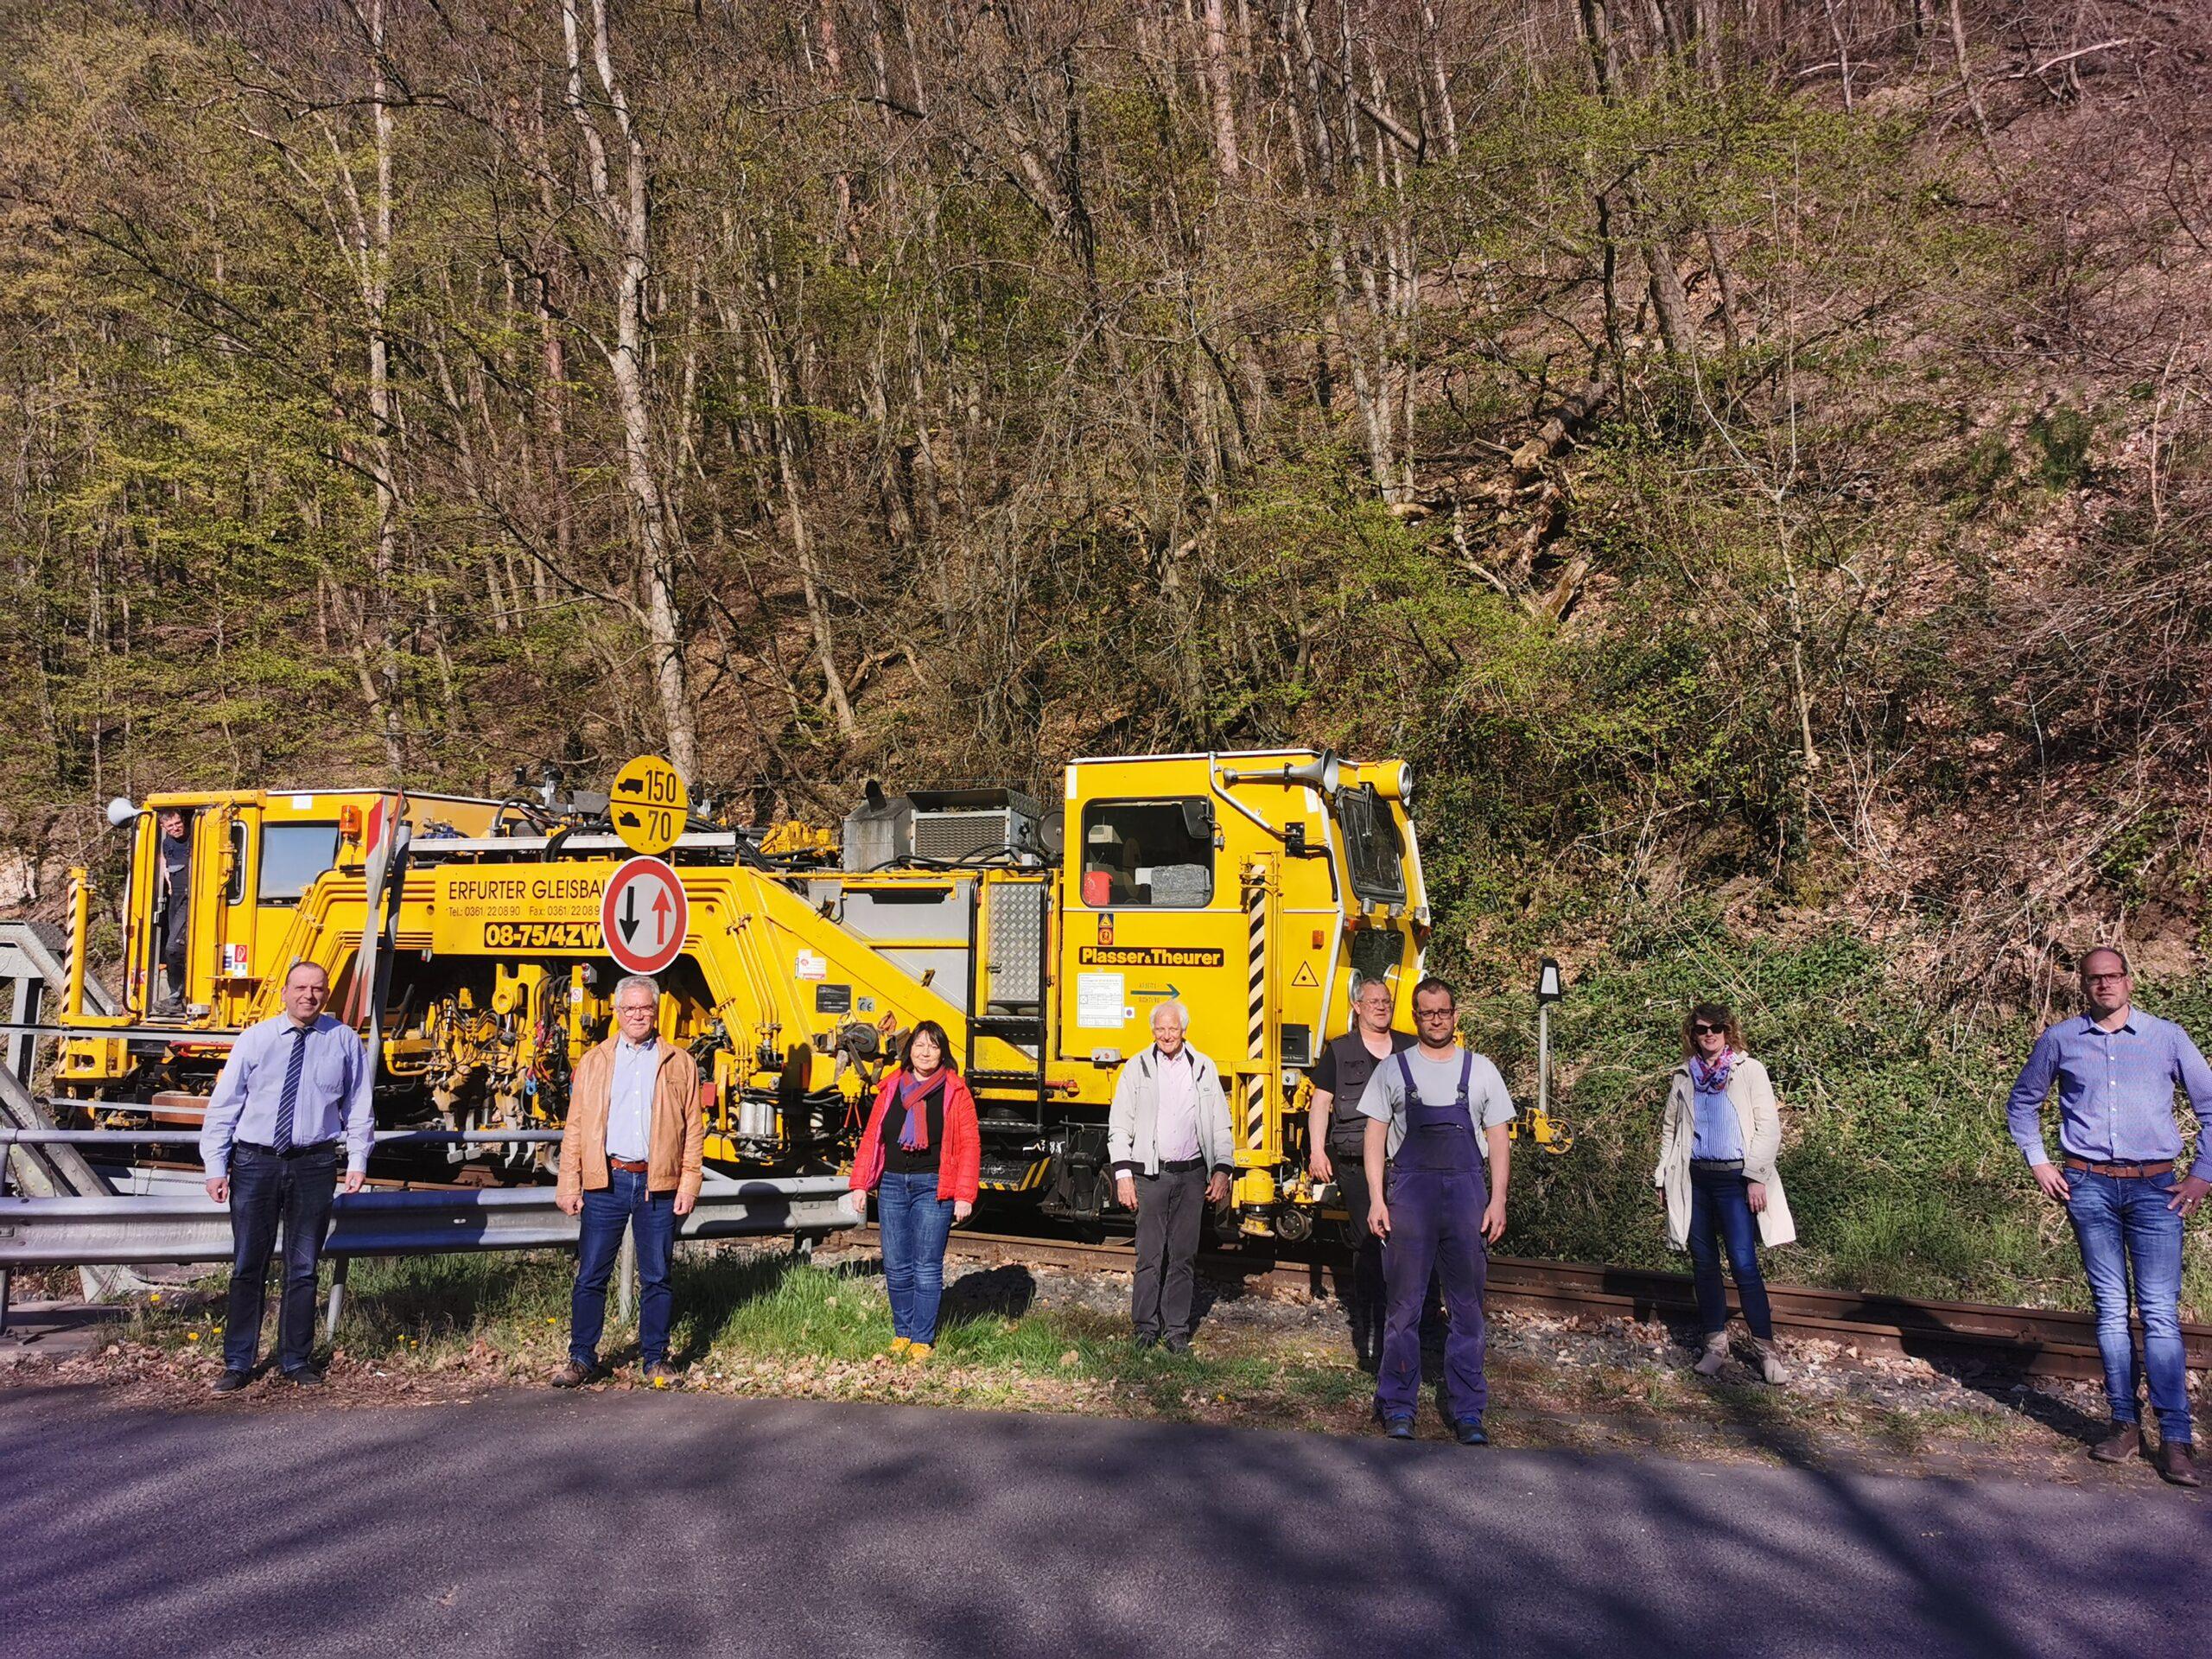 FWG besichtigt Gleisarbeiten des Vulkan-Expreß